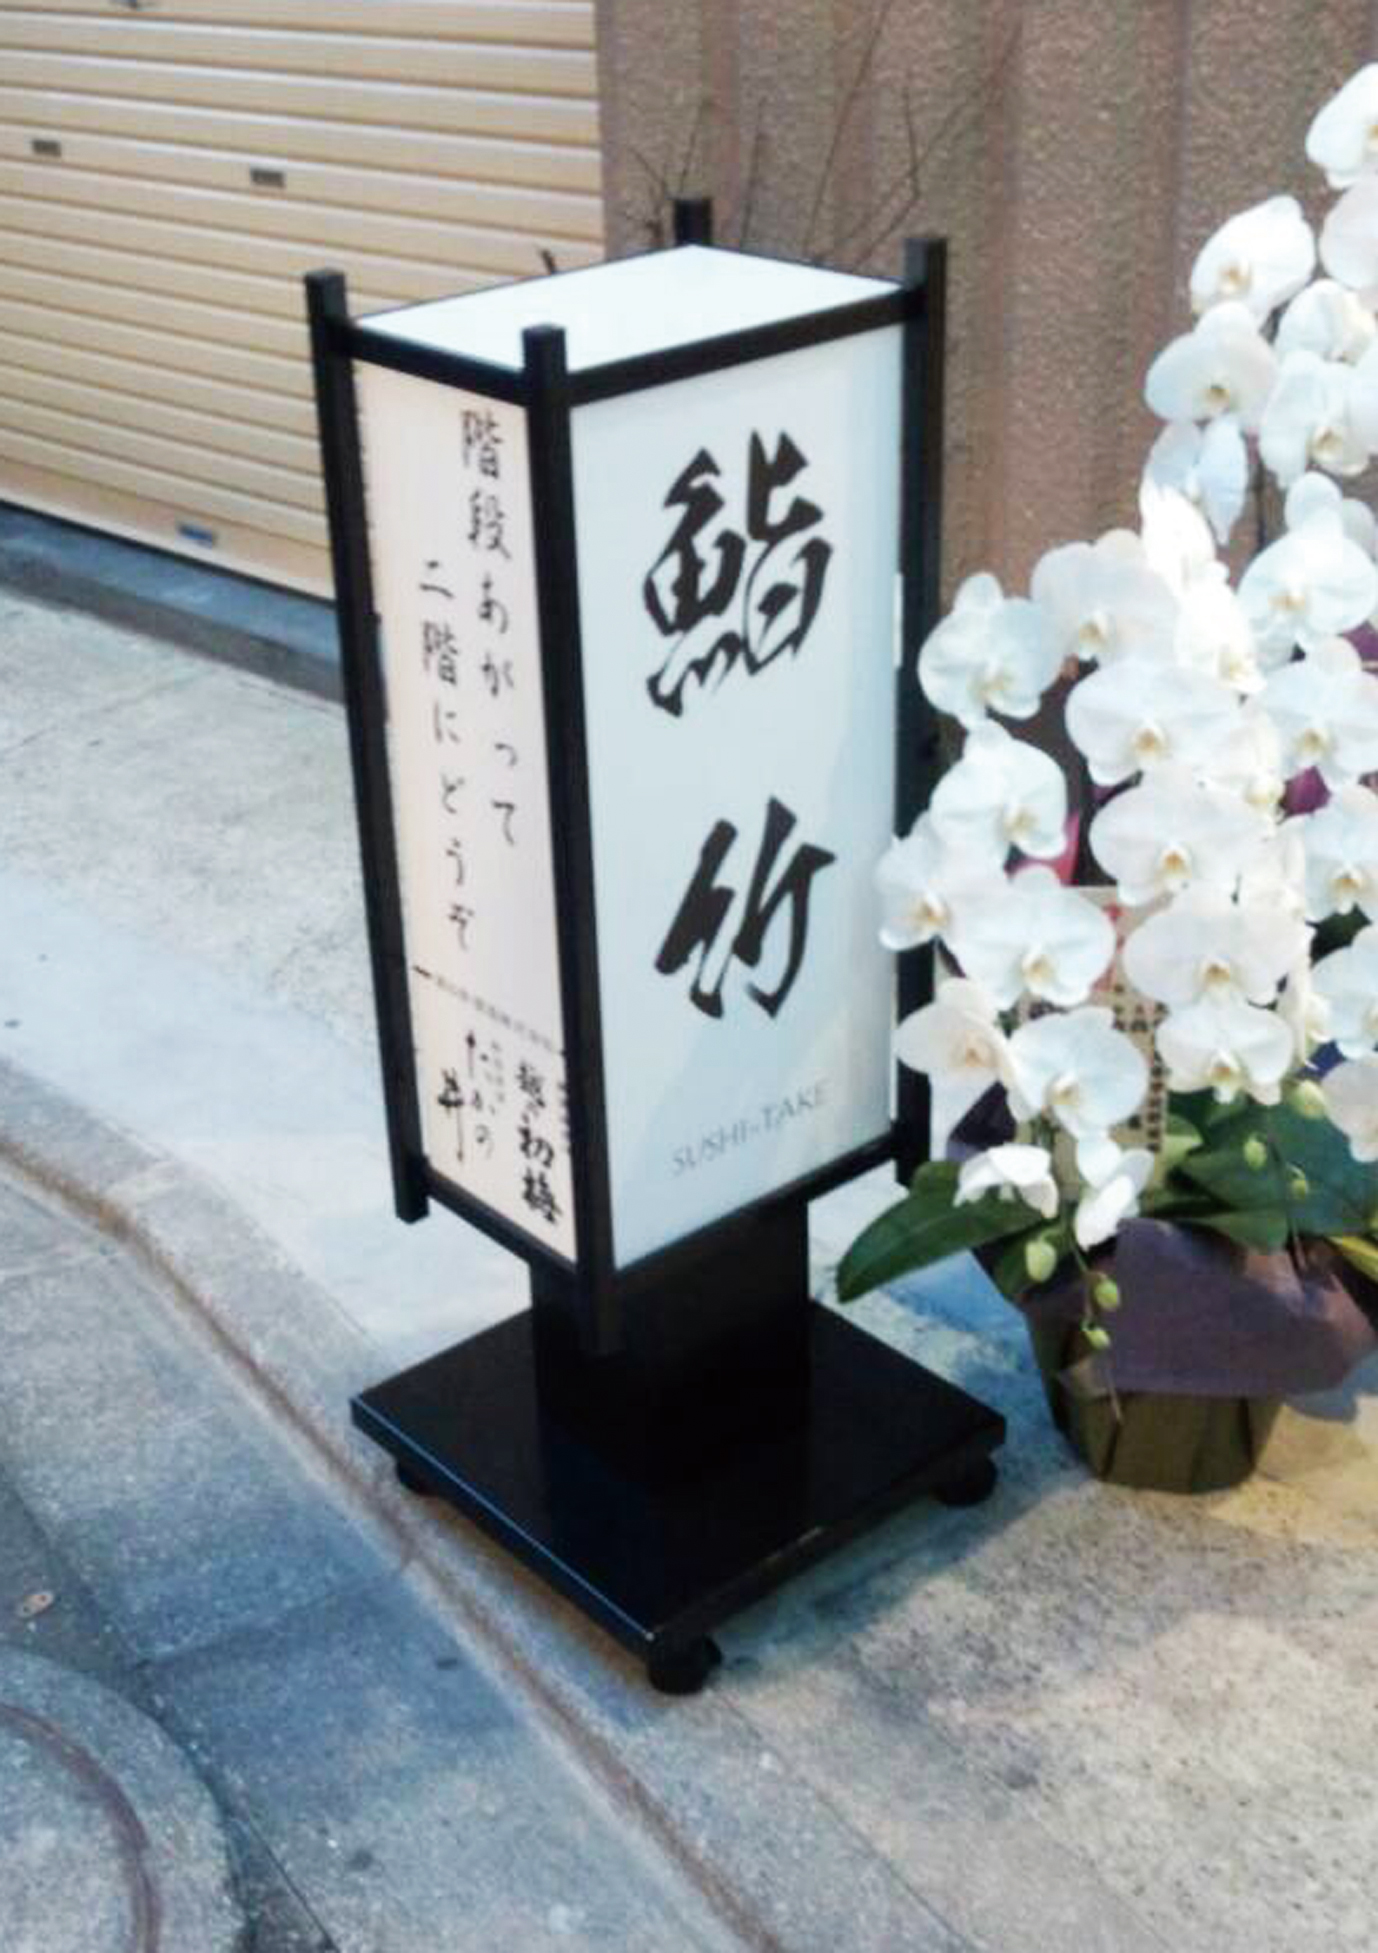 江東区寿司屋様 | 置き看板